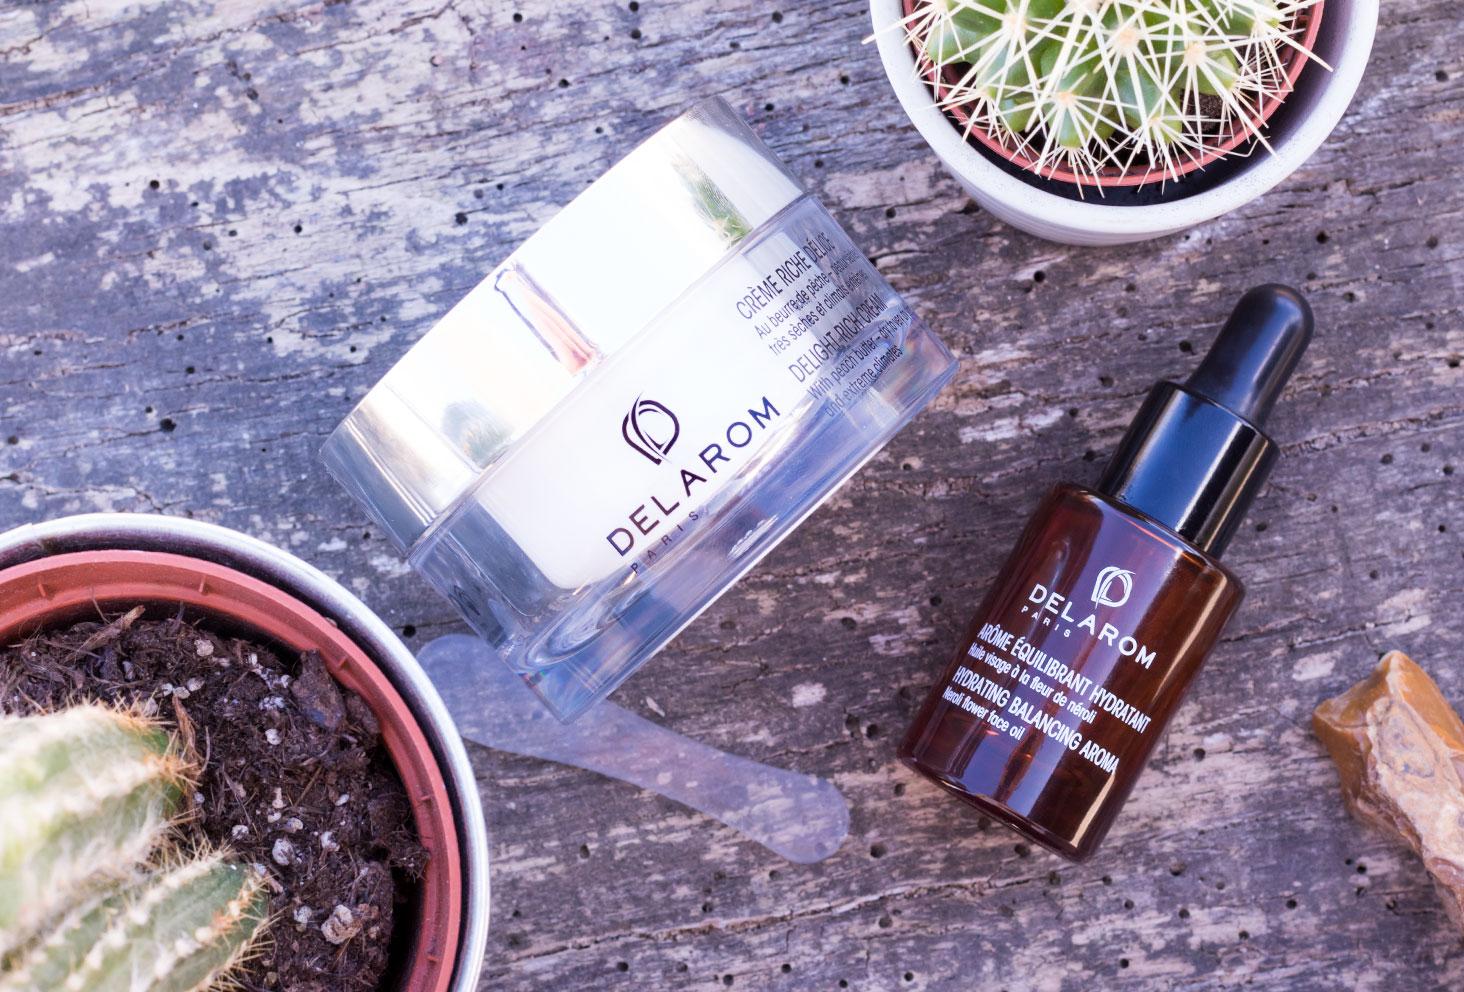 Zoom sur le packaging de la crème Riche Délice et de l'arôme équilbrant hydratant de la marque DELAROM Paris sur une planche de bois au milieu des cactus